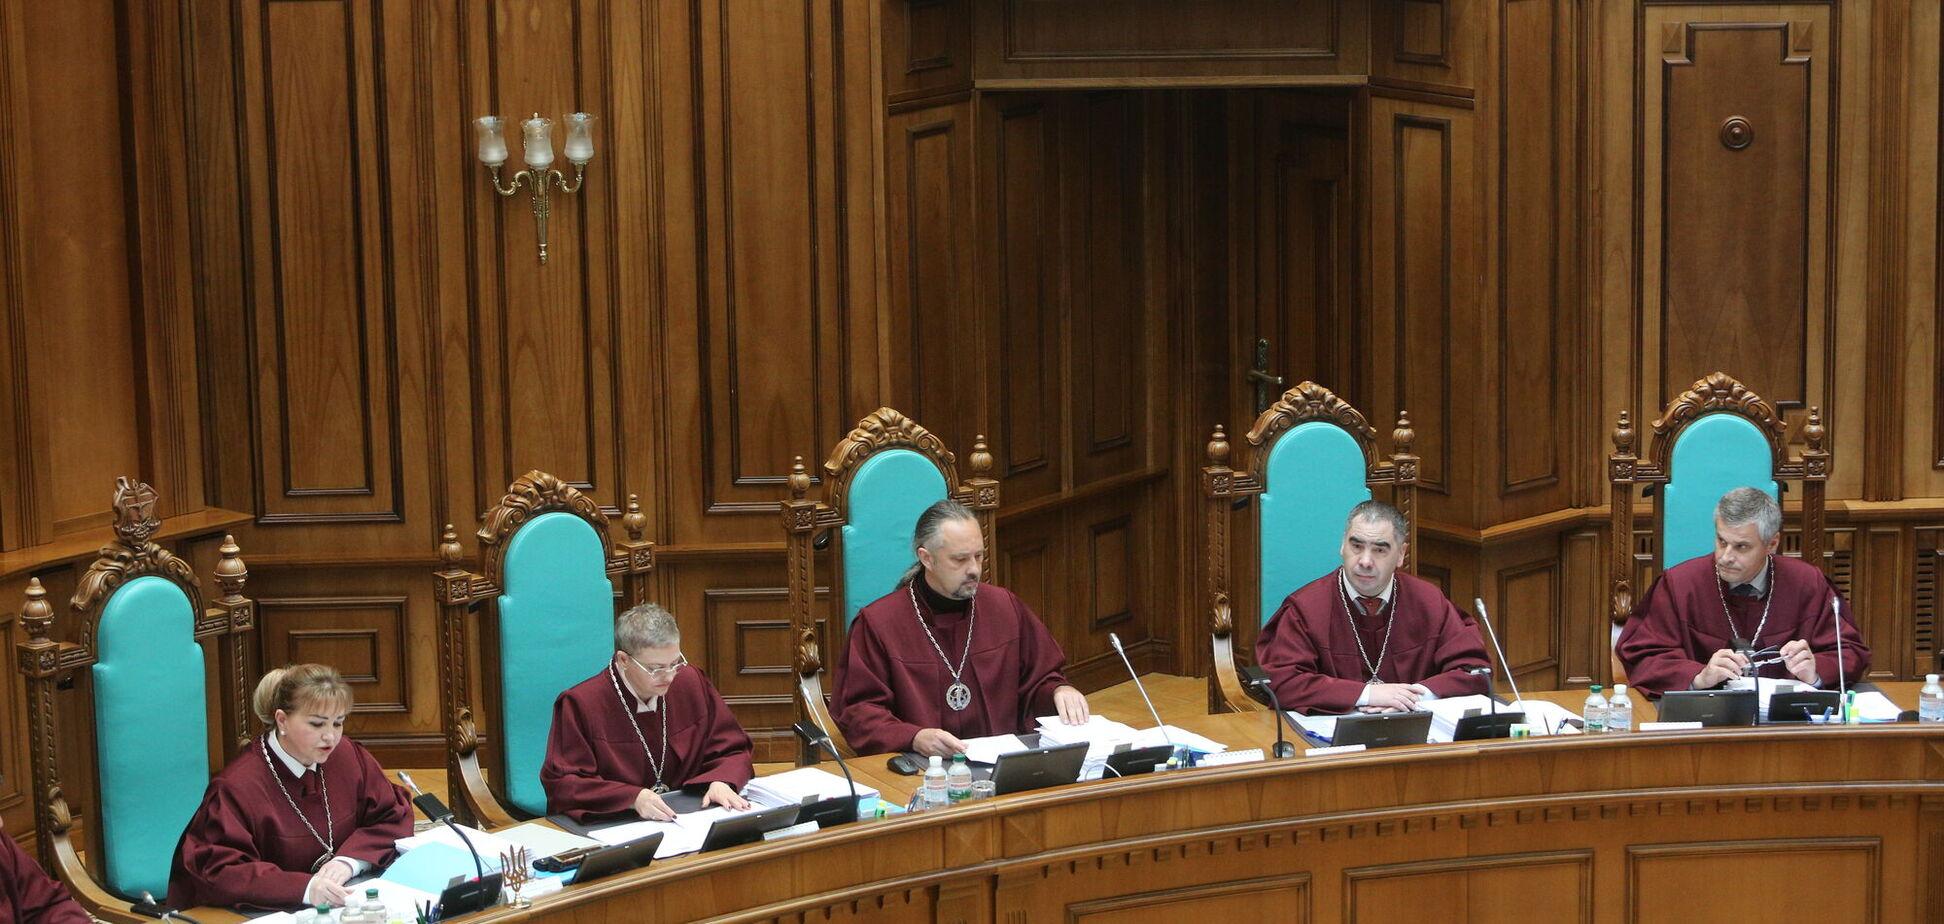 Членів Нацкомісії з тарифів можуть звільнити: 50 нардепів звернулися до КСУ